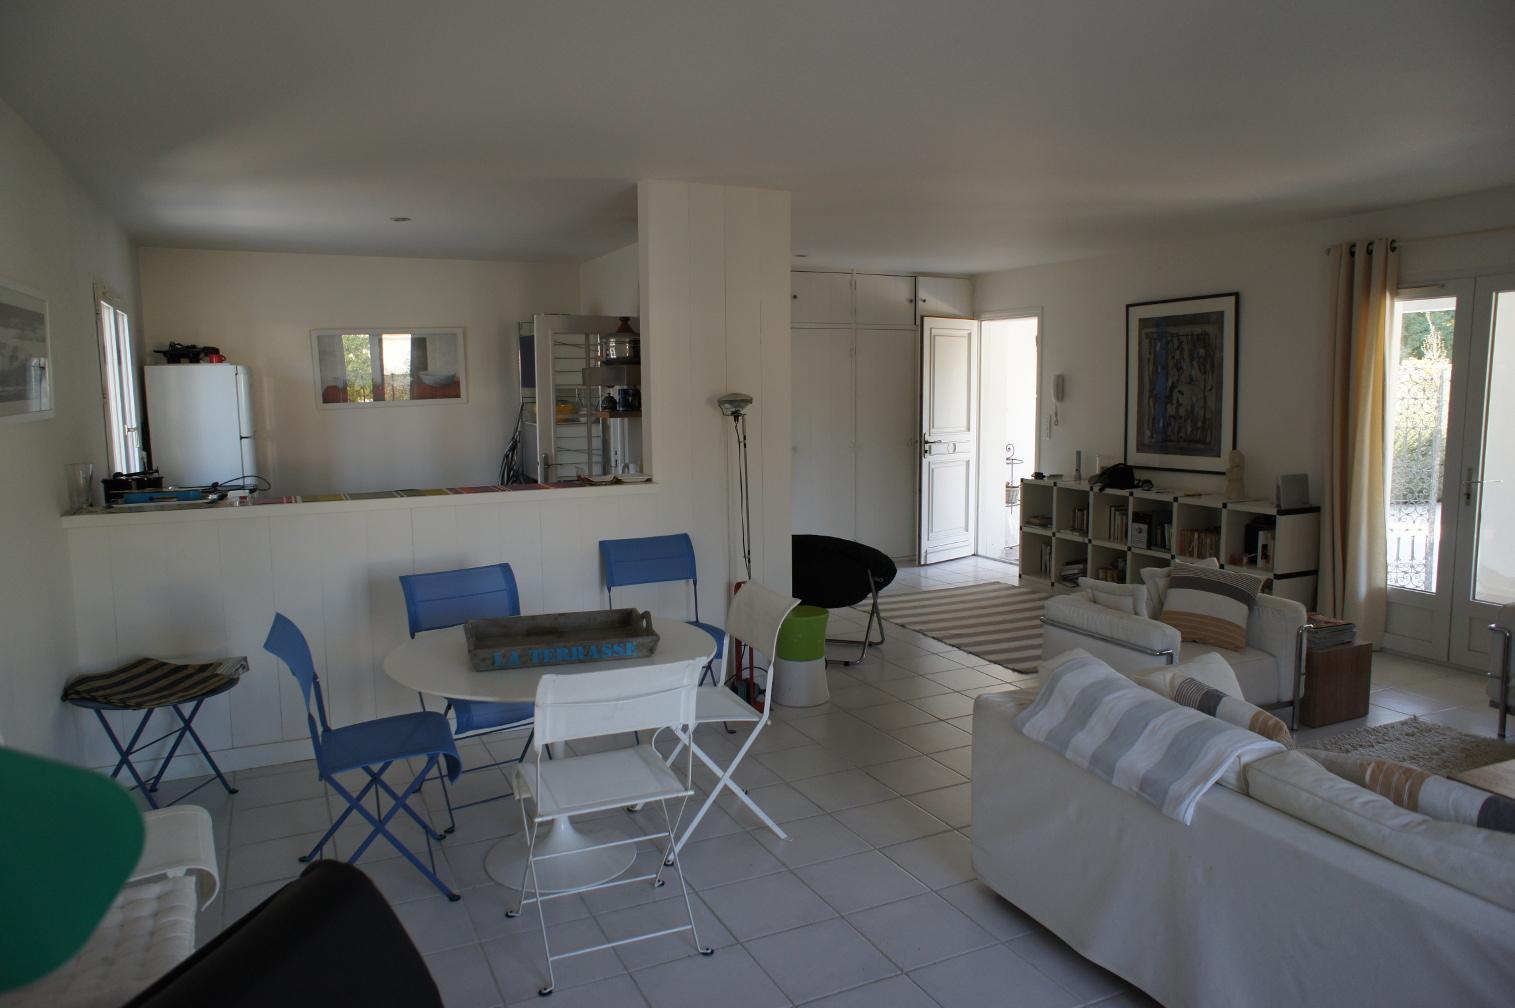 Location ile de r le bois plage en r belle villa for Cuisine 800 euros